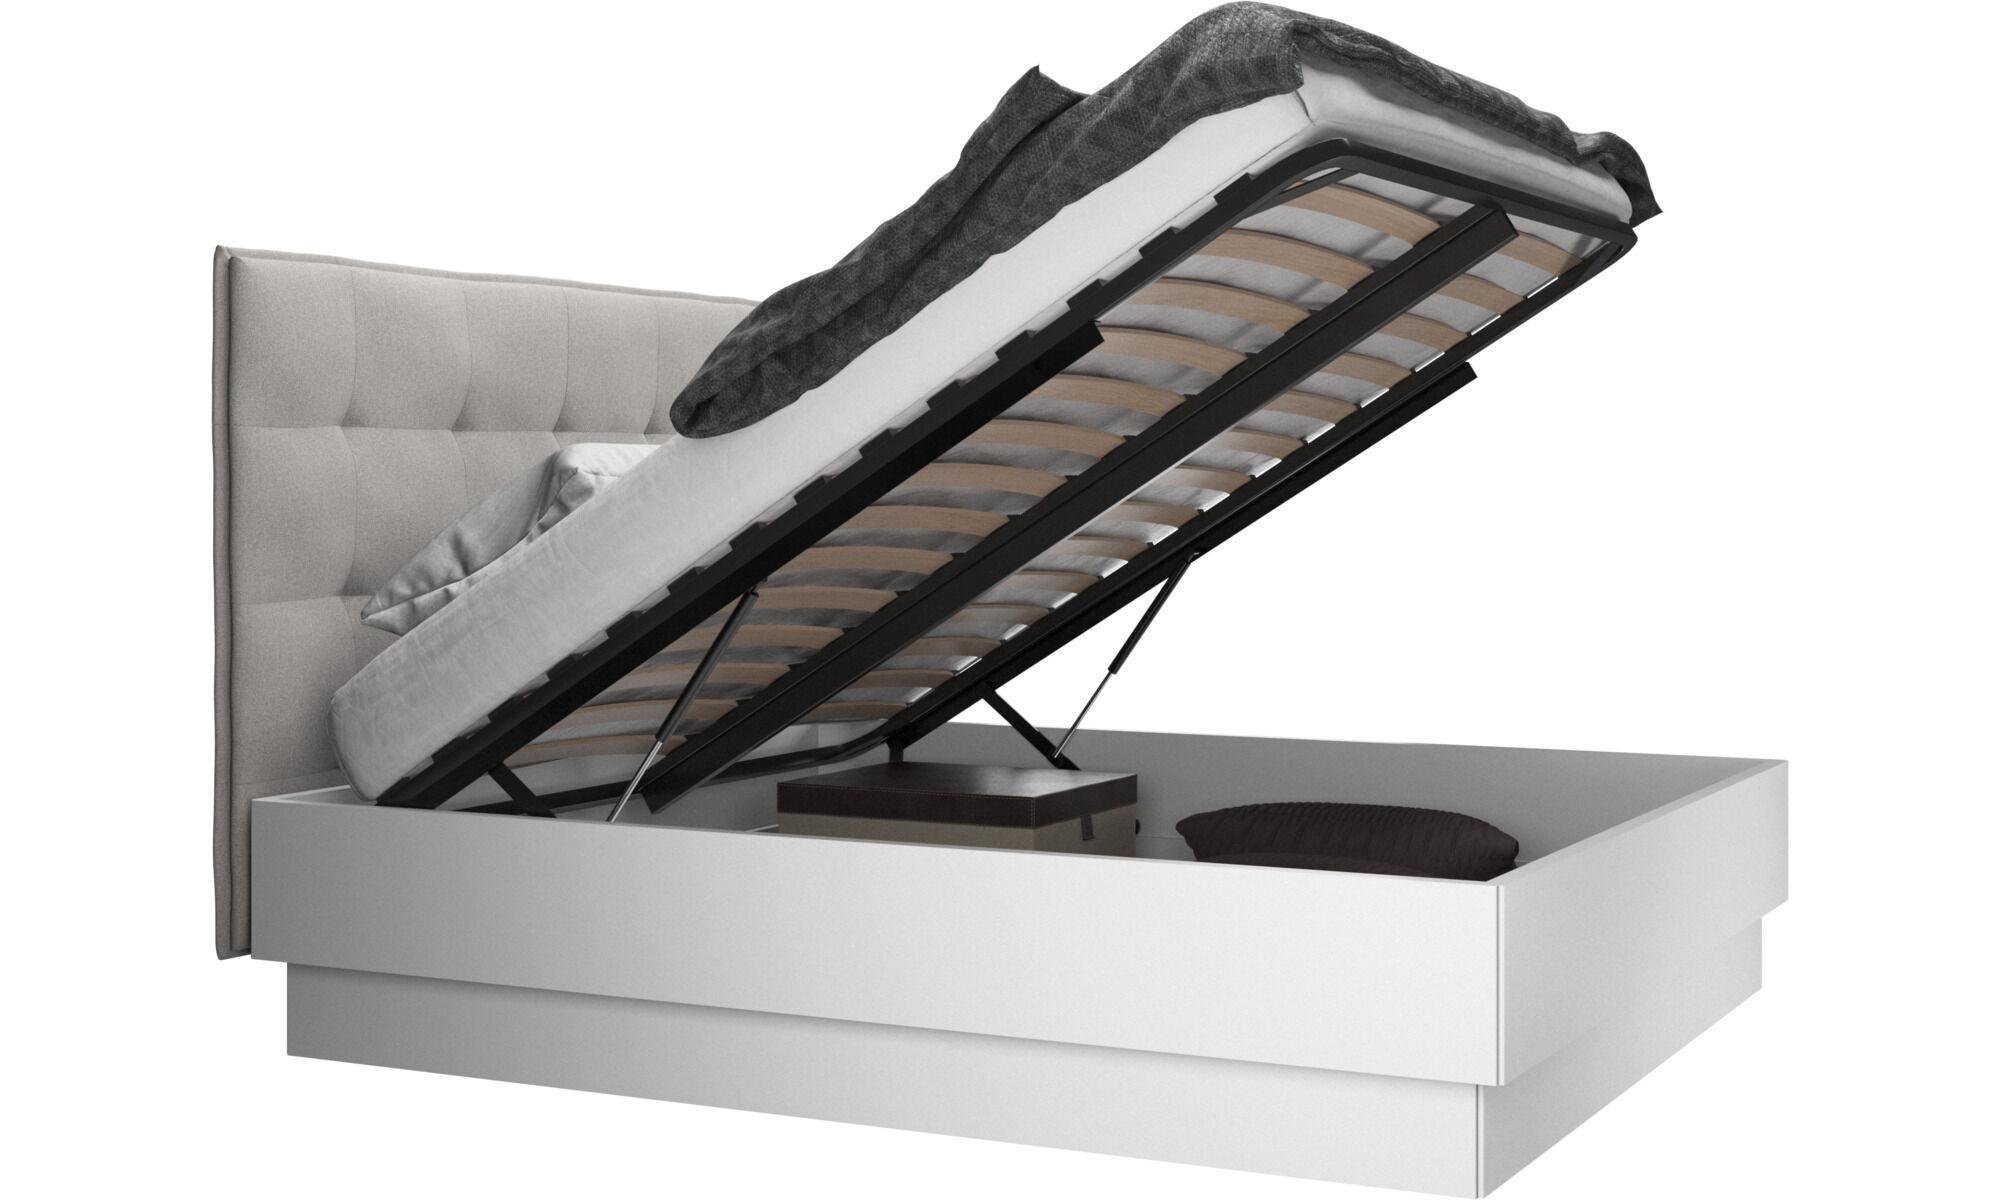 Lugano Bett mit Lattenrost und Staufach unter der hochklappbaren Liegefläche ( Neu & verpackt)